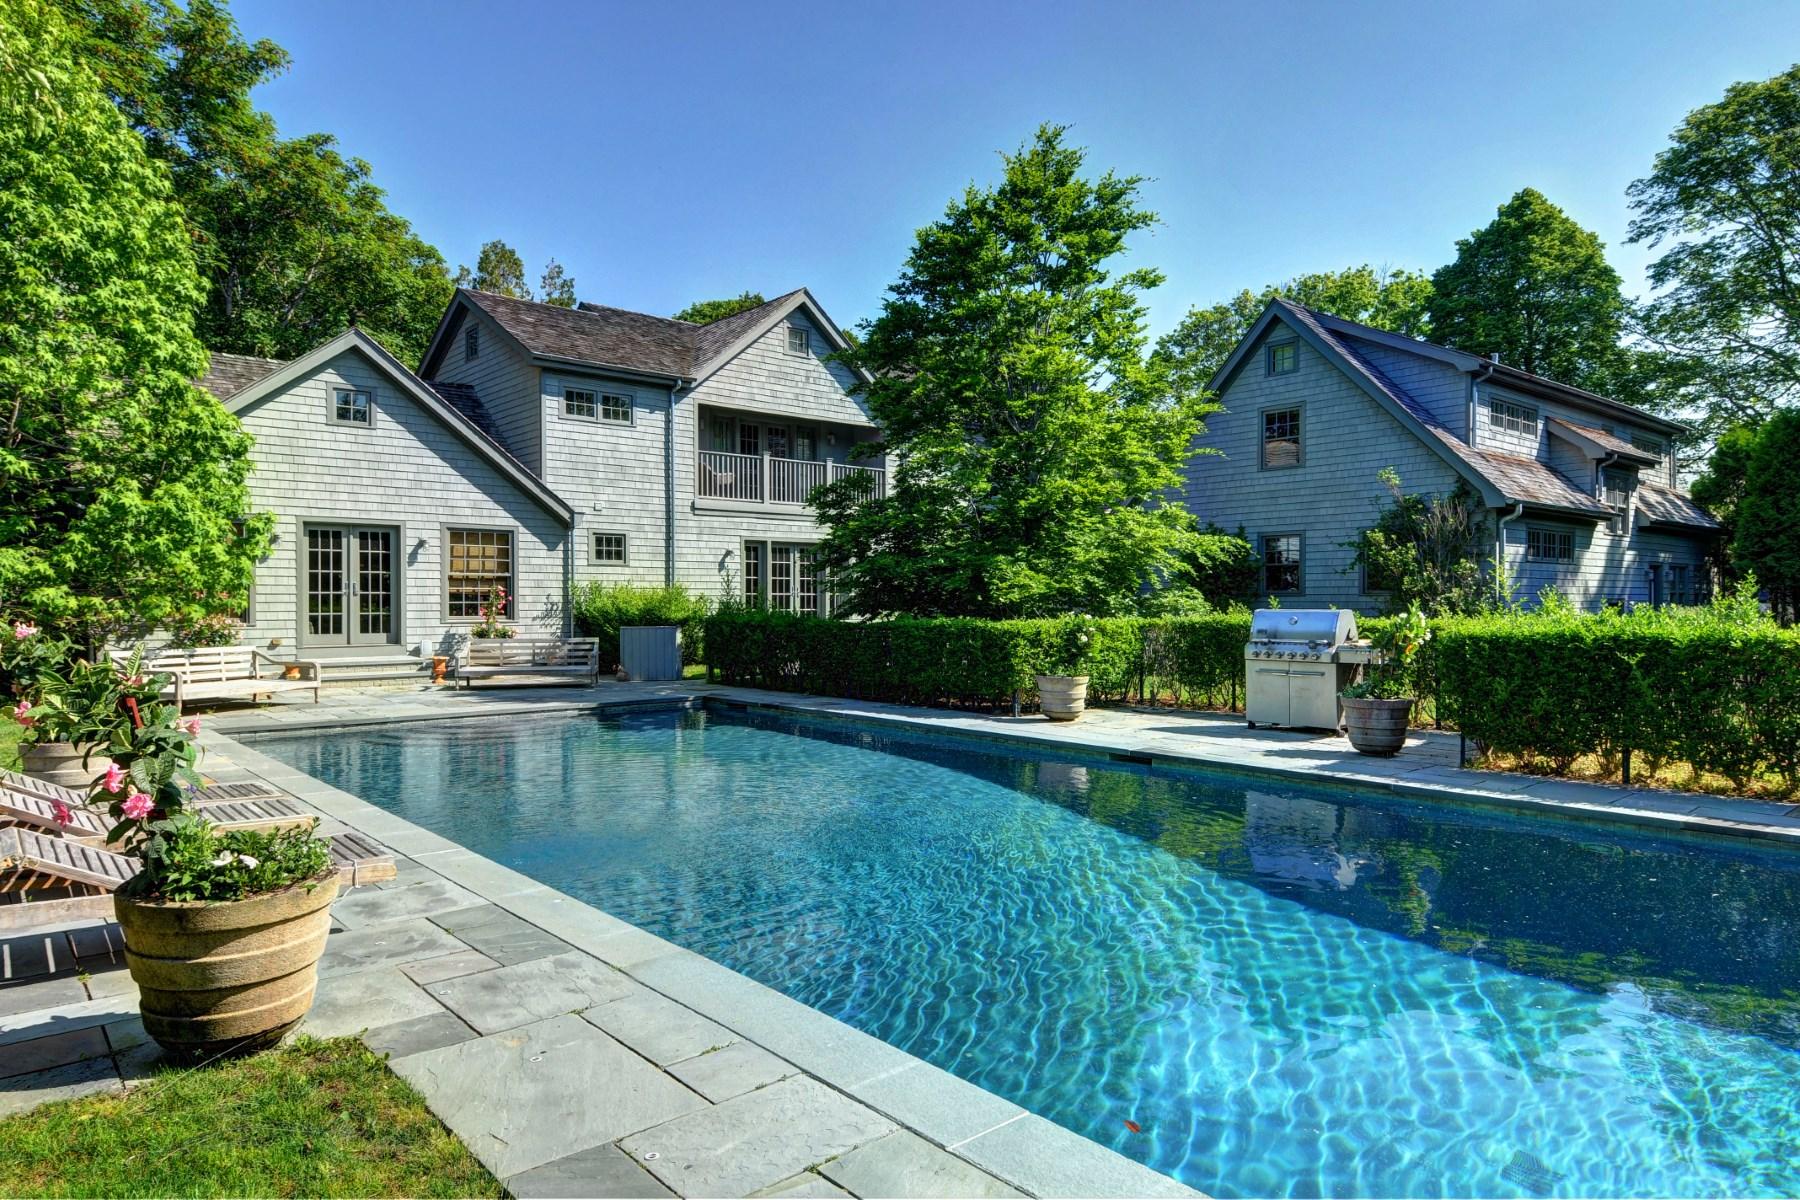 独户住宅 为 销售 在 Amagansett Lanes 36 Hedges Lane 阿莫甘西特, 纽约州, 11930 美国